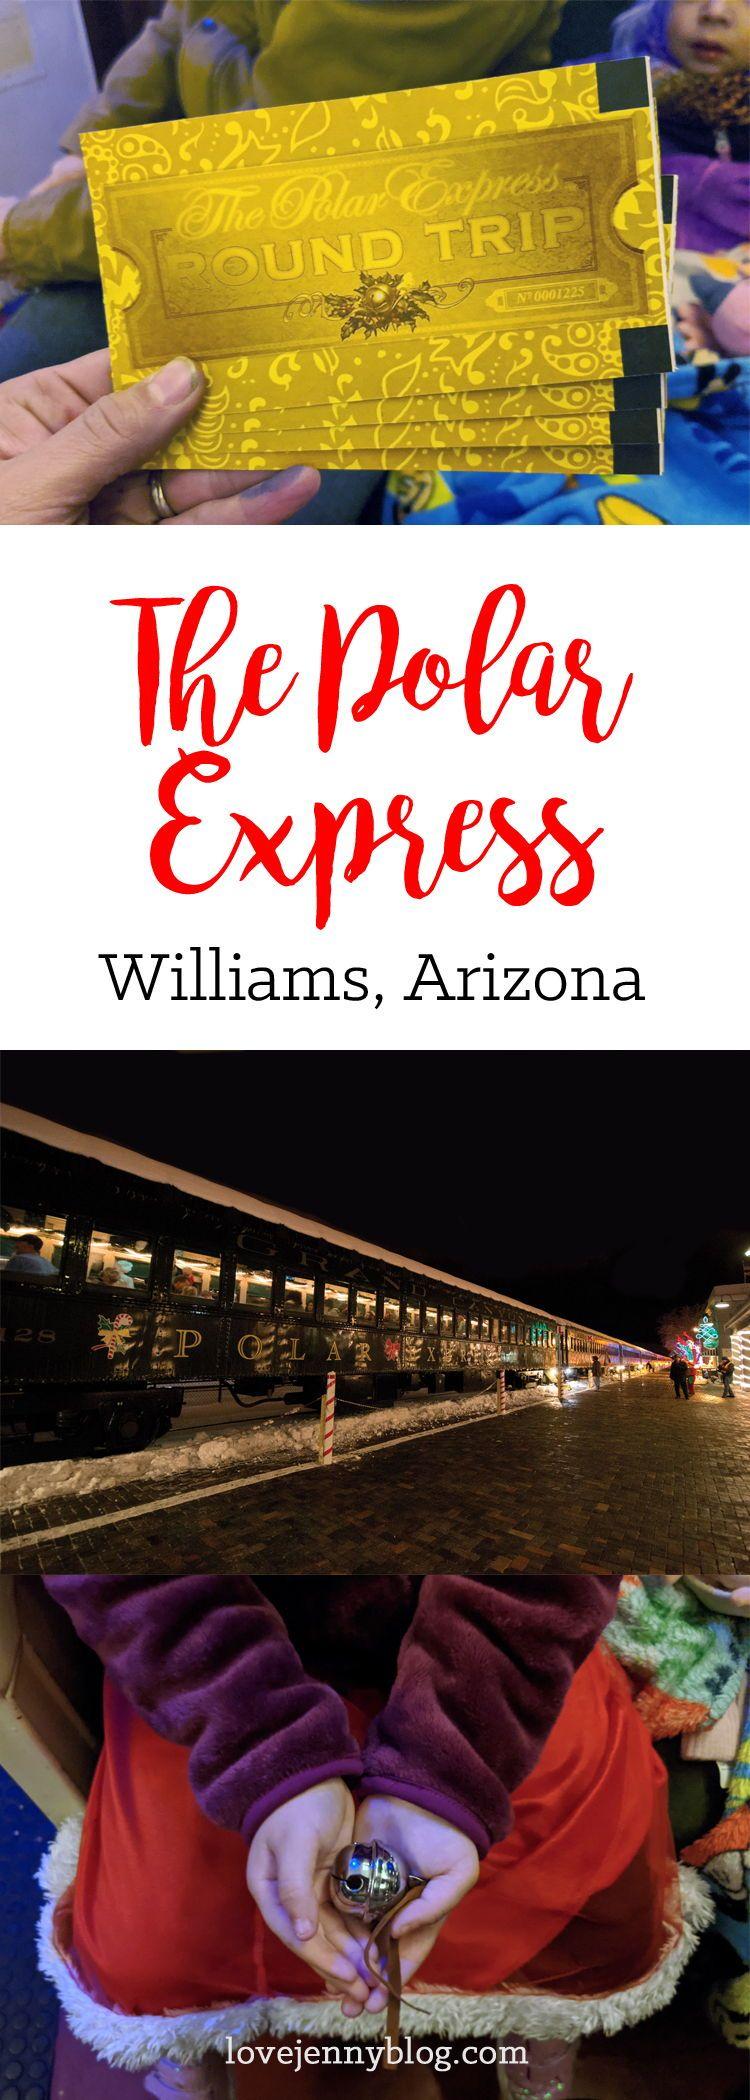 A Ride on the Polar Express in 2020 Polar express